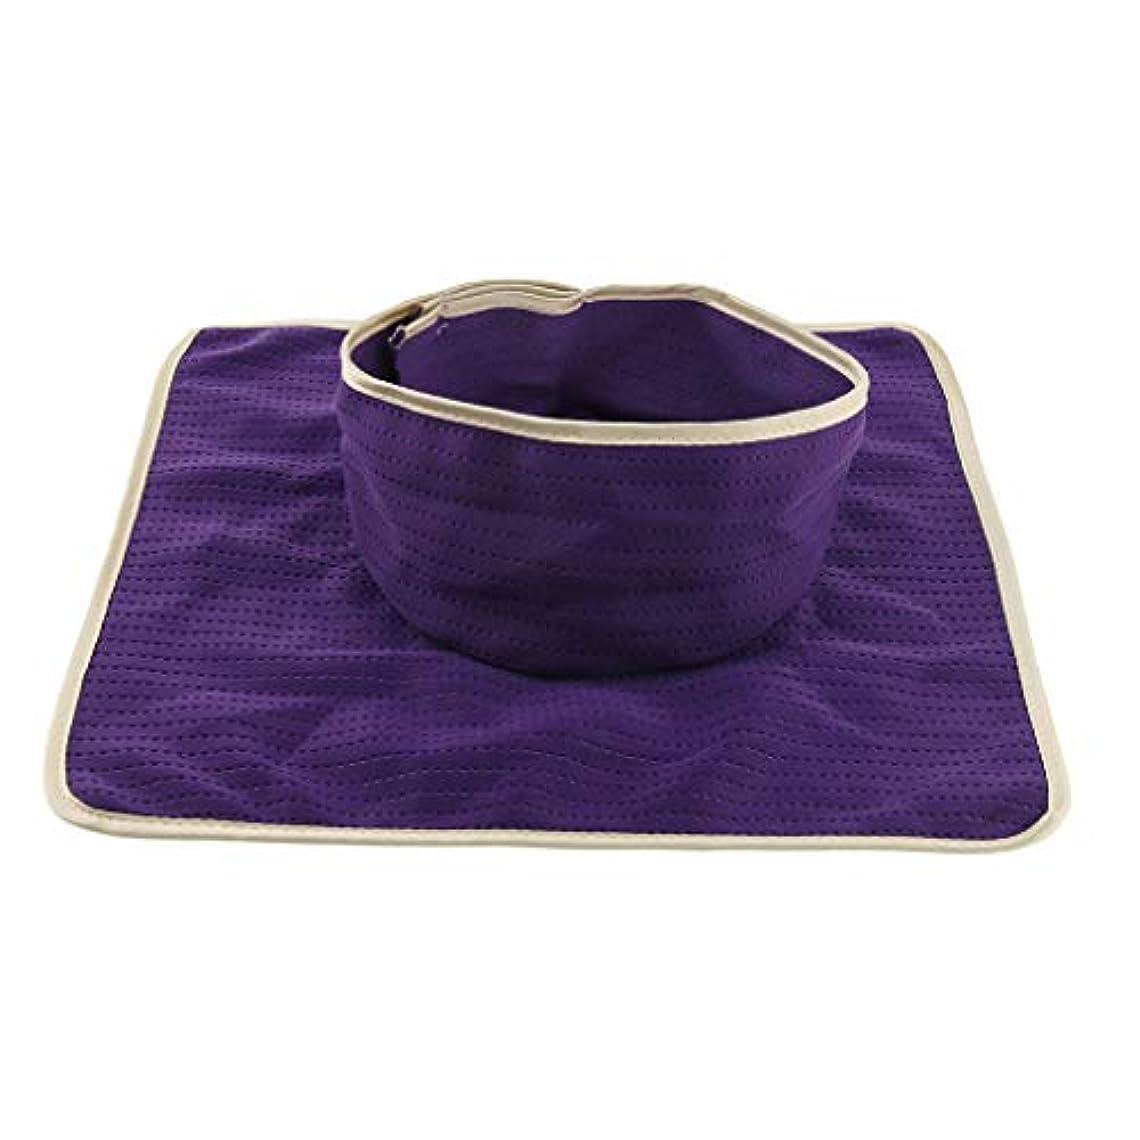 Baoblaze マッサージのベッド用 パッド マットシート 顔の穴付き 洗える 約35×35cm 全3色 - 紫